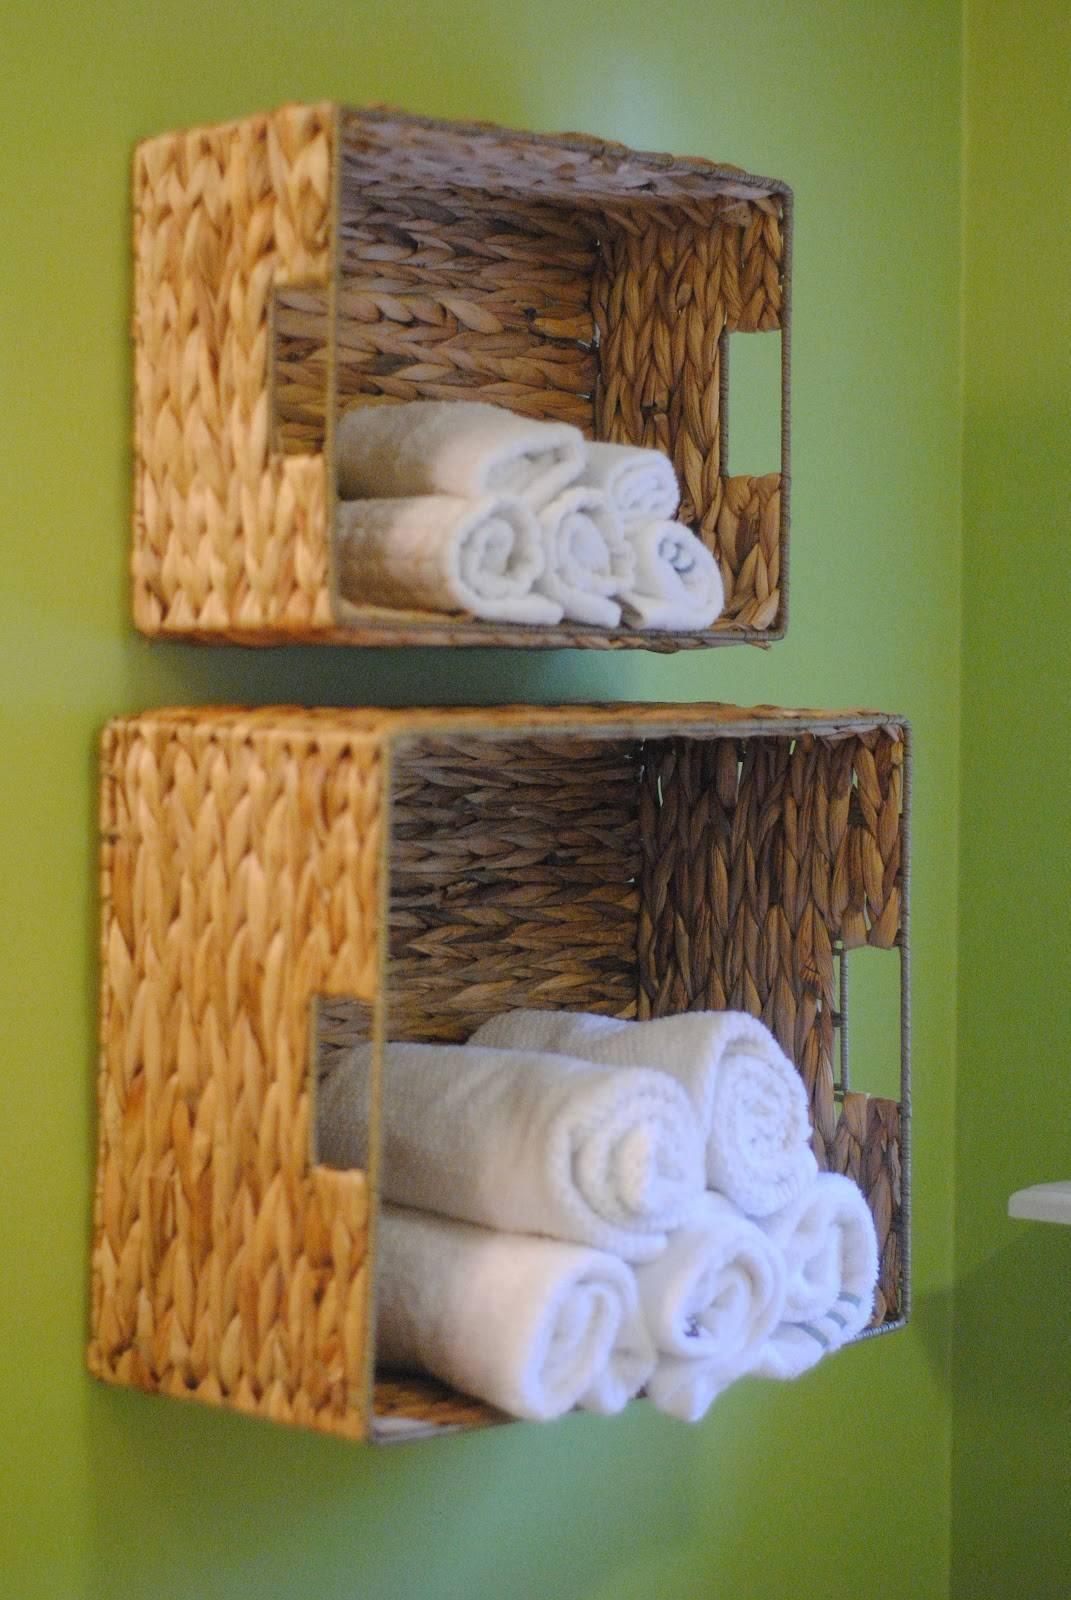 Ý tưởng lưu trữ khăn tắm thông minh giúp không gian vừa gọn gàng vừa sang trọng - Ảnh 4.